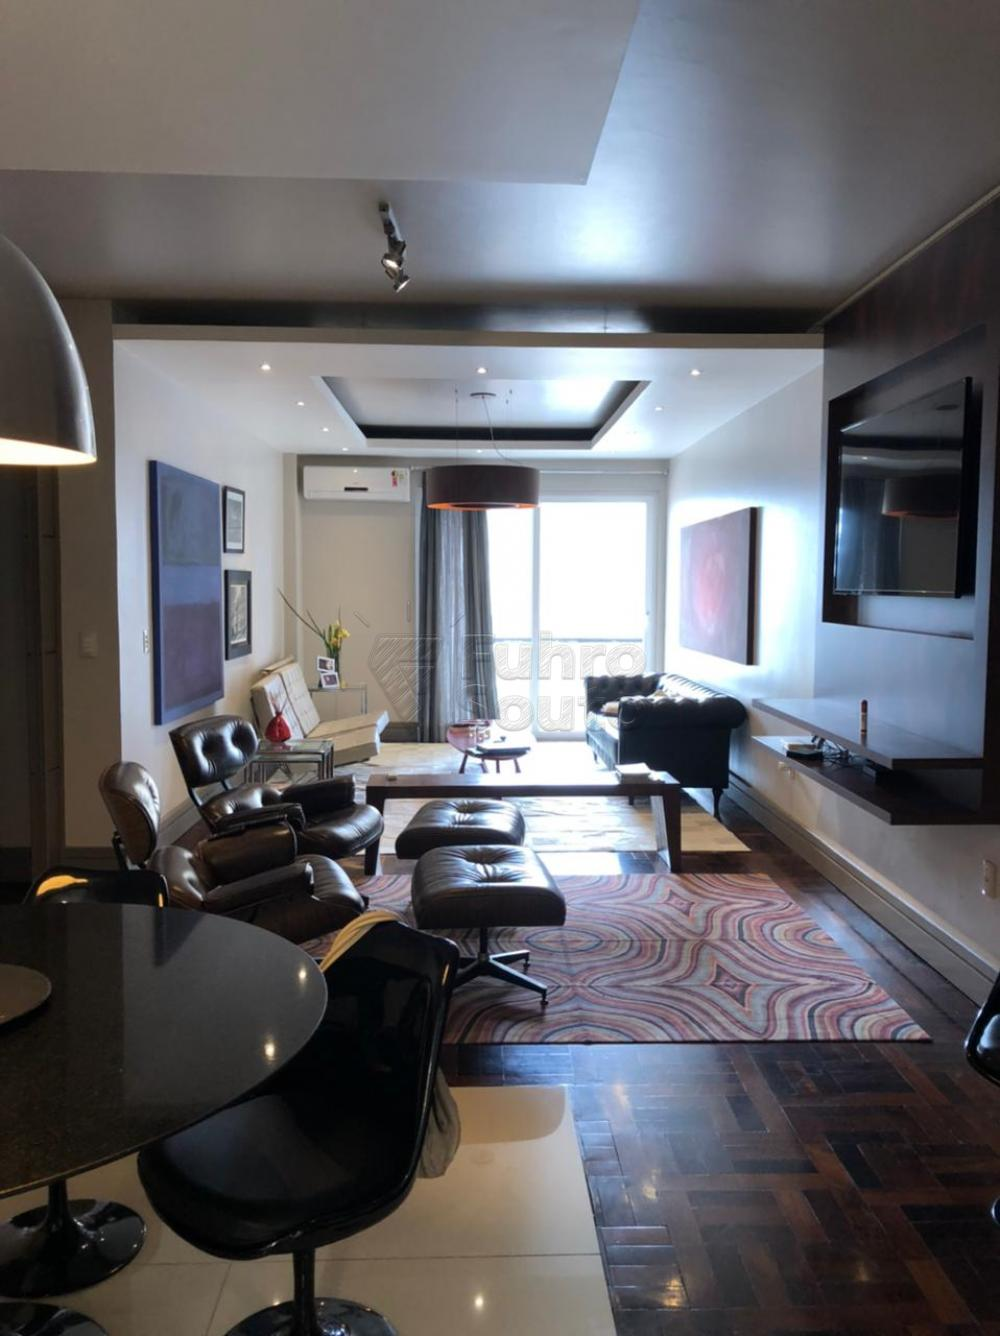 Comprar Apartamento / Padrão em Pelotas R$ 650.000,00 - Foto 4